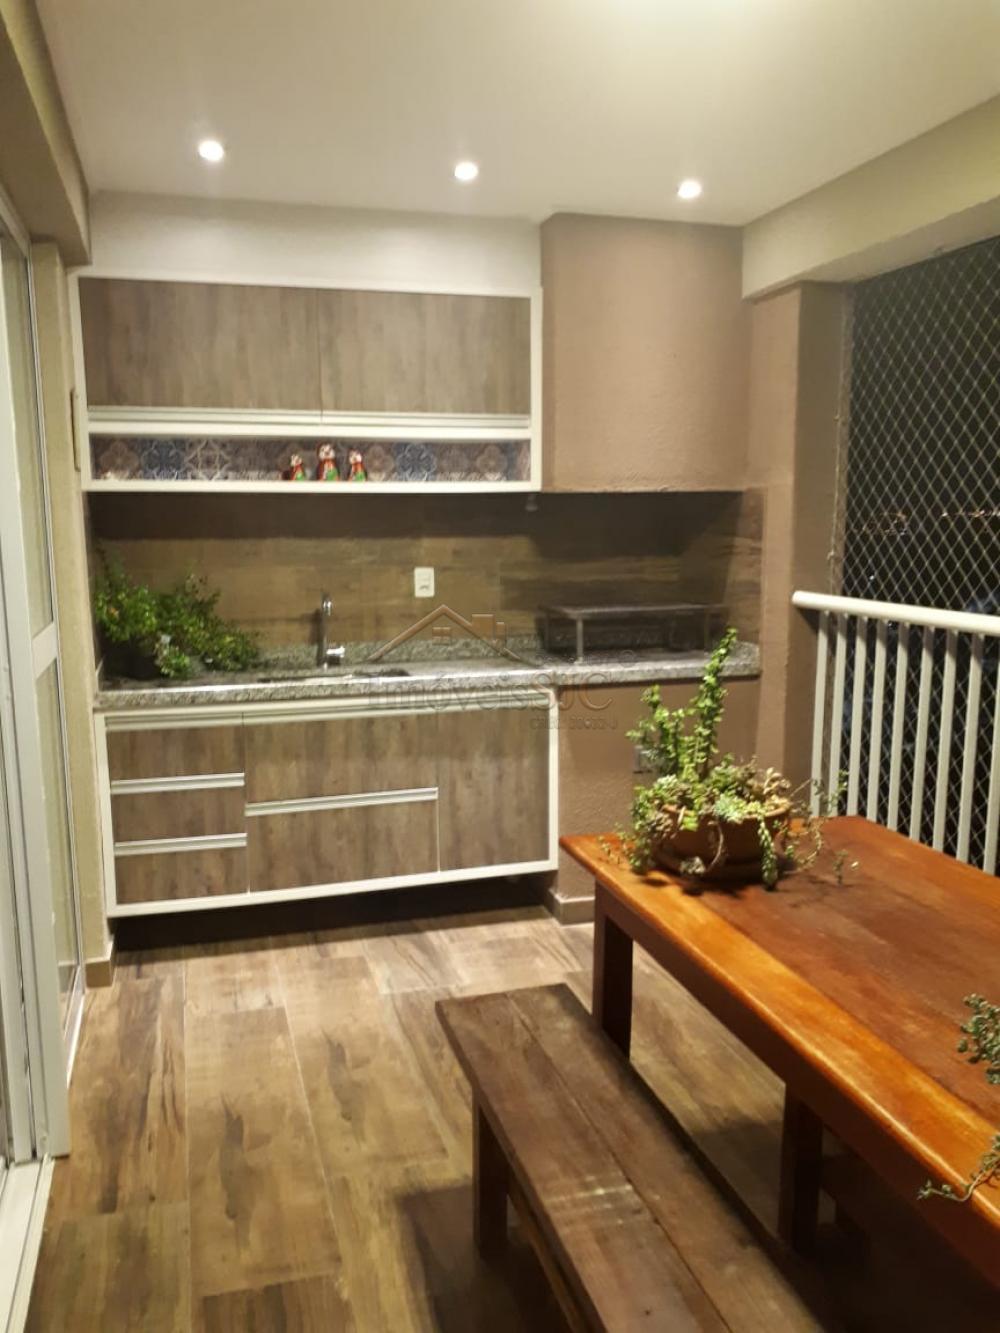 Comprar Apartamentos / Padrão em São José dos Campos apenas R$ 590.000,00 - Foto 10